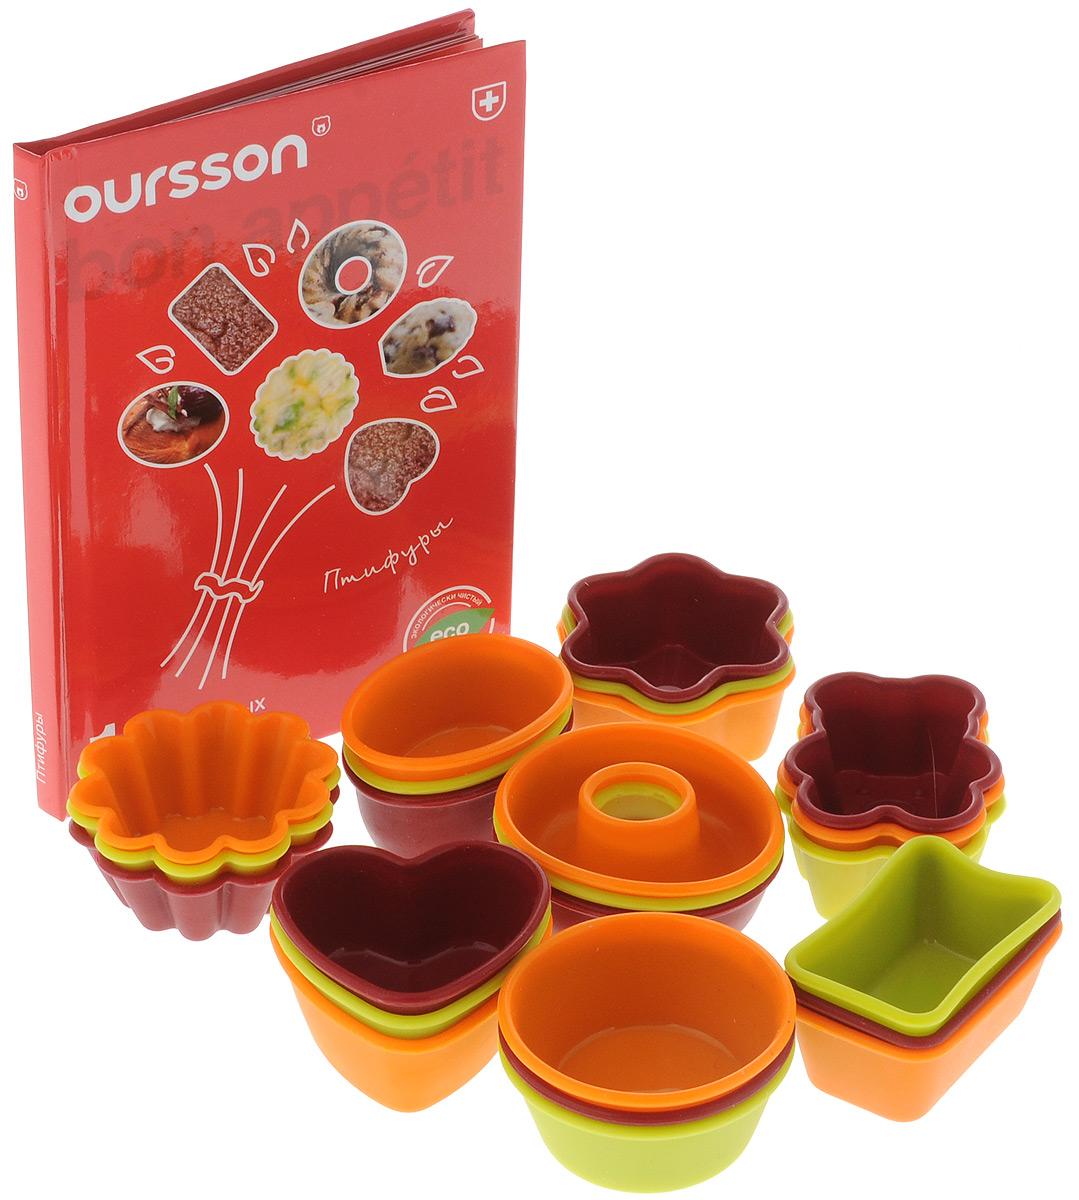 Набор для выпечки Oursson: мини-формы 24 шт, книга рецептов 12 рецептов ПтифуровBW0550SS/MCНабор силиконовых мини-форм для выпечки 24шт. (оранжевый, зеленое яблоко)+ книга рецептов (12 рецептов Птифуров), подарочная упаковка